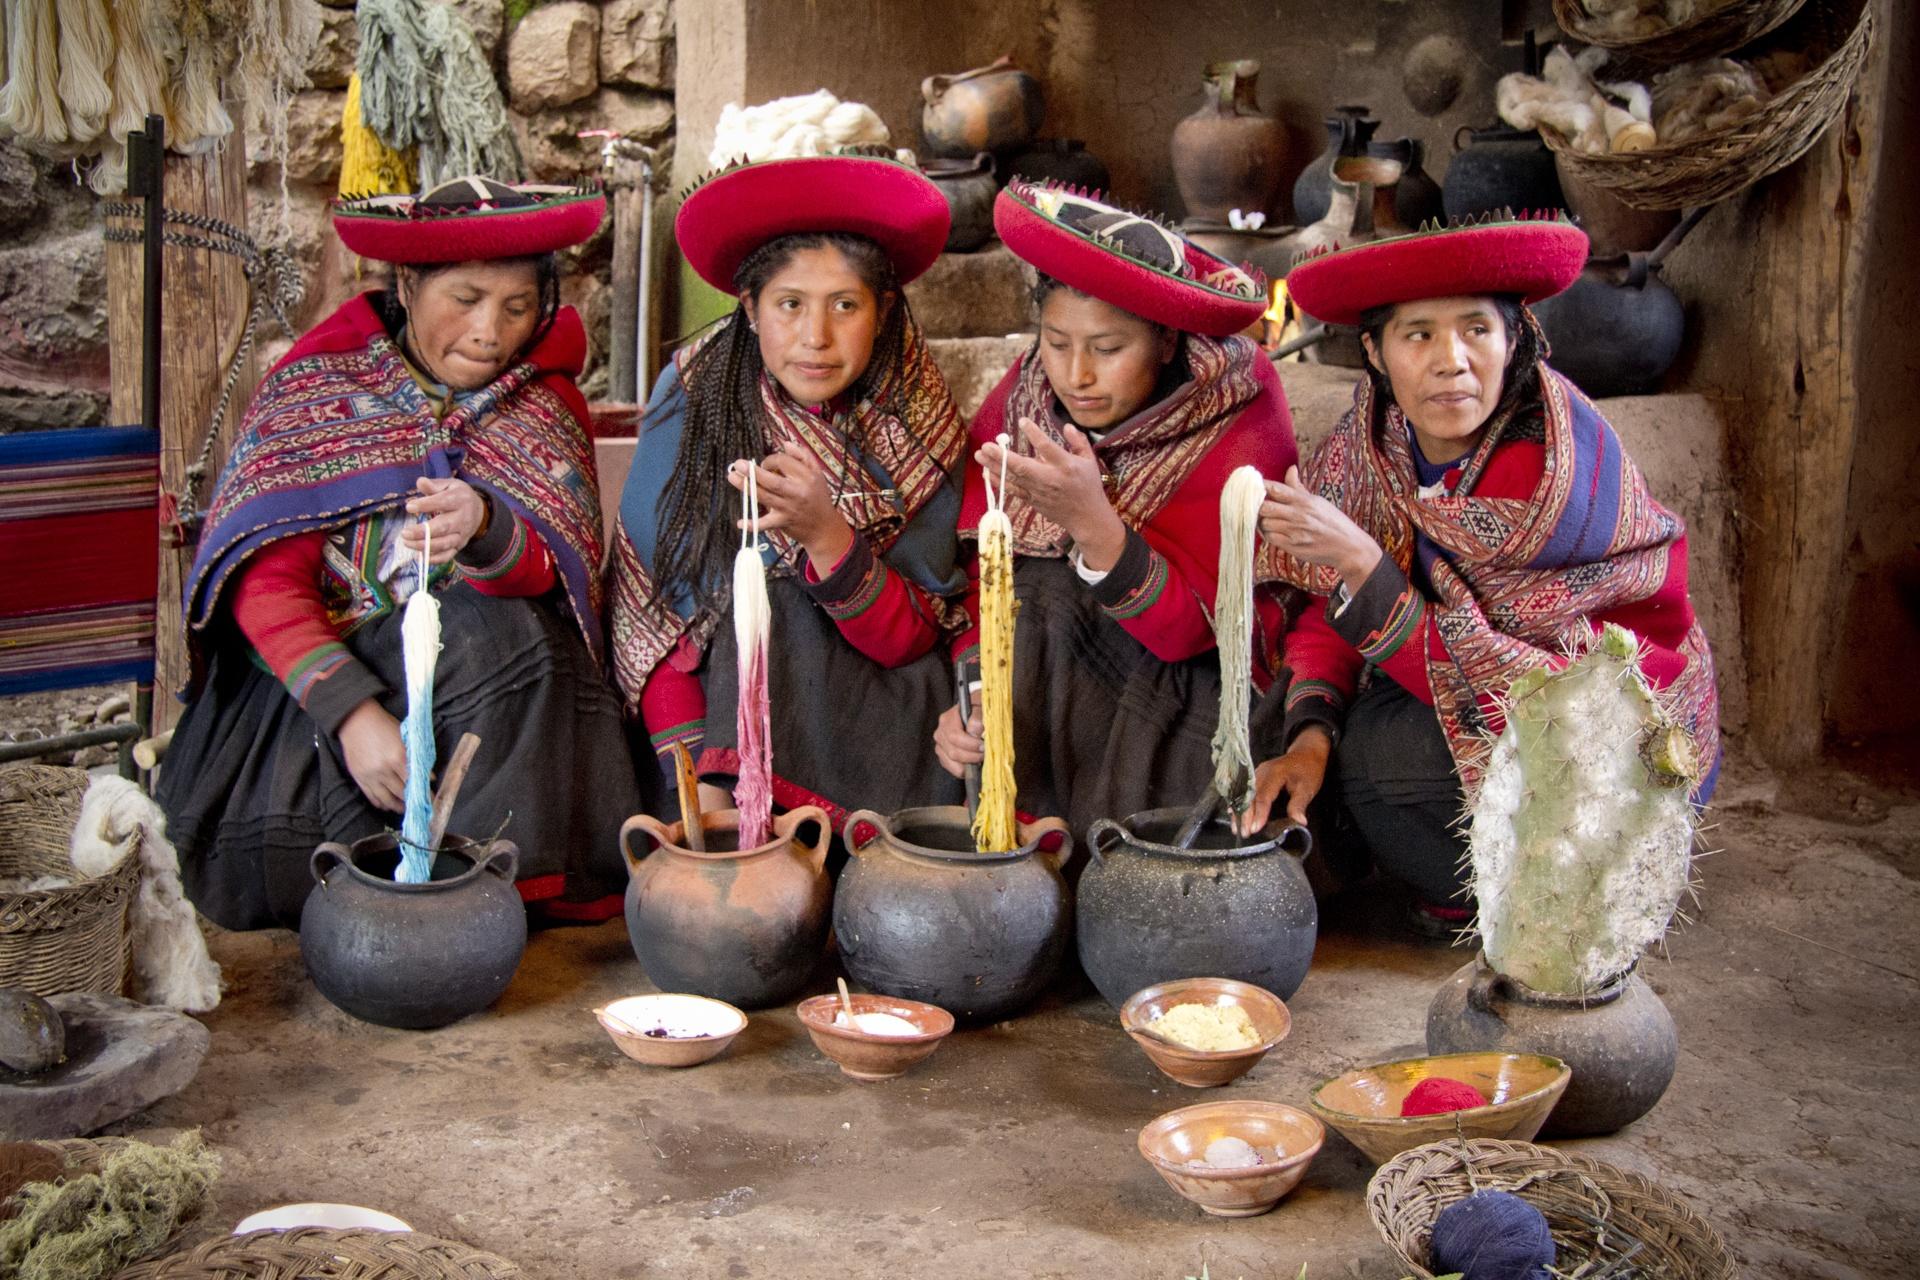 Rencontre avec des tisserandes dans la vallée sacrée - Pérou